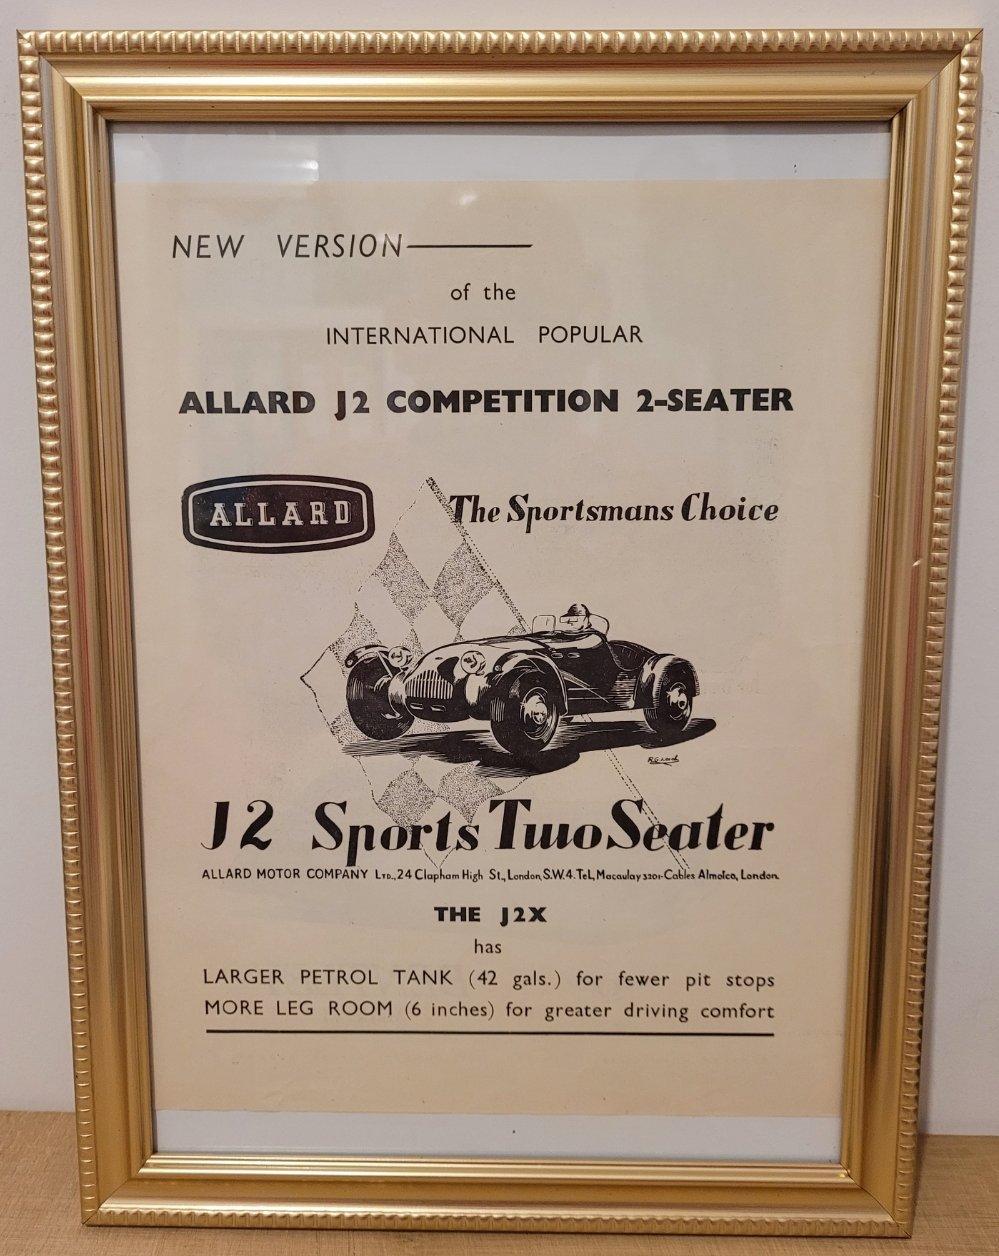 Original 1951 Allard J2 Framed Advert